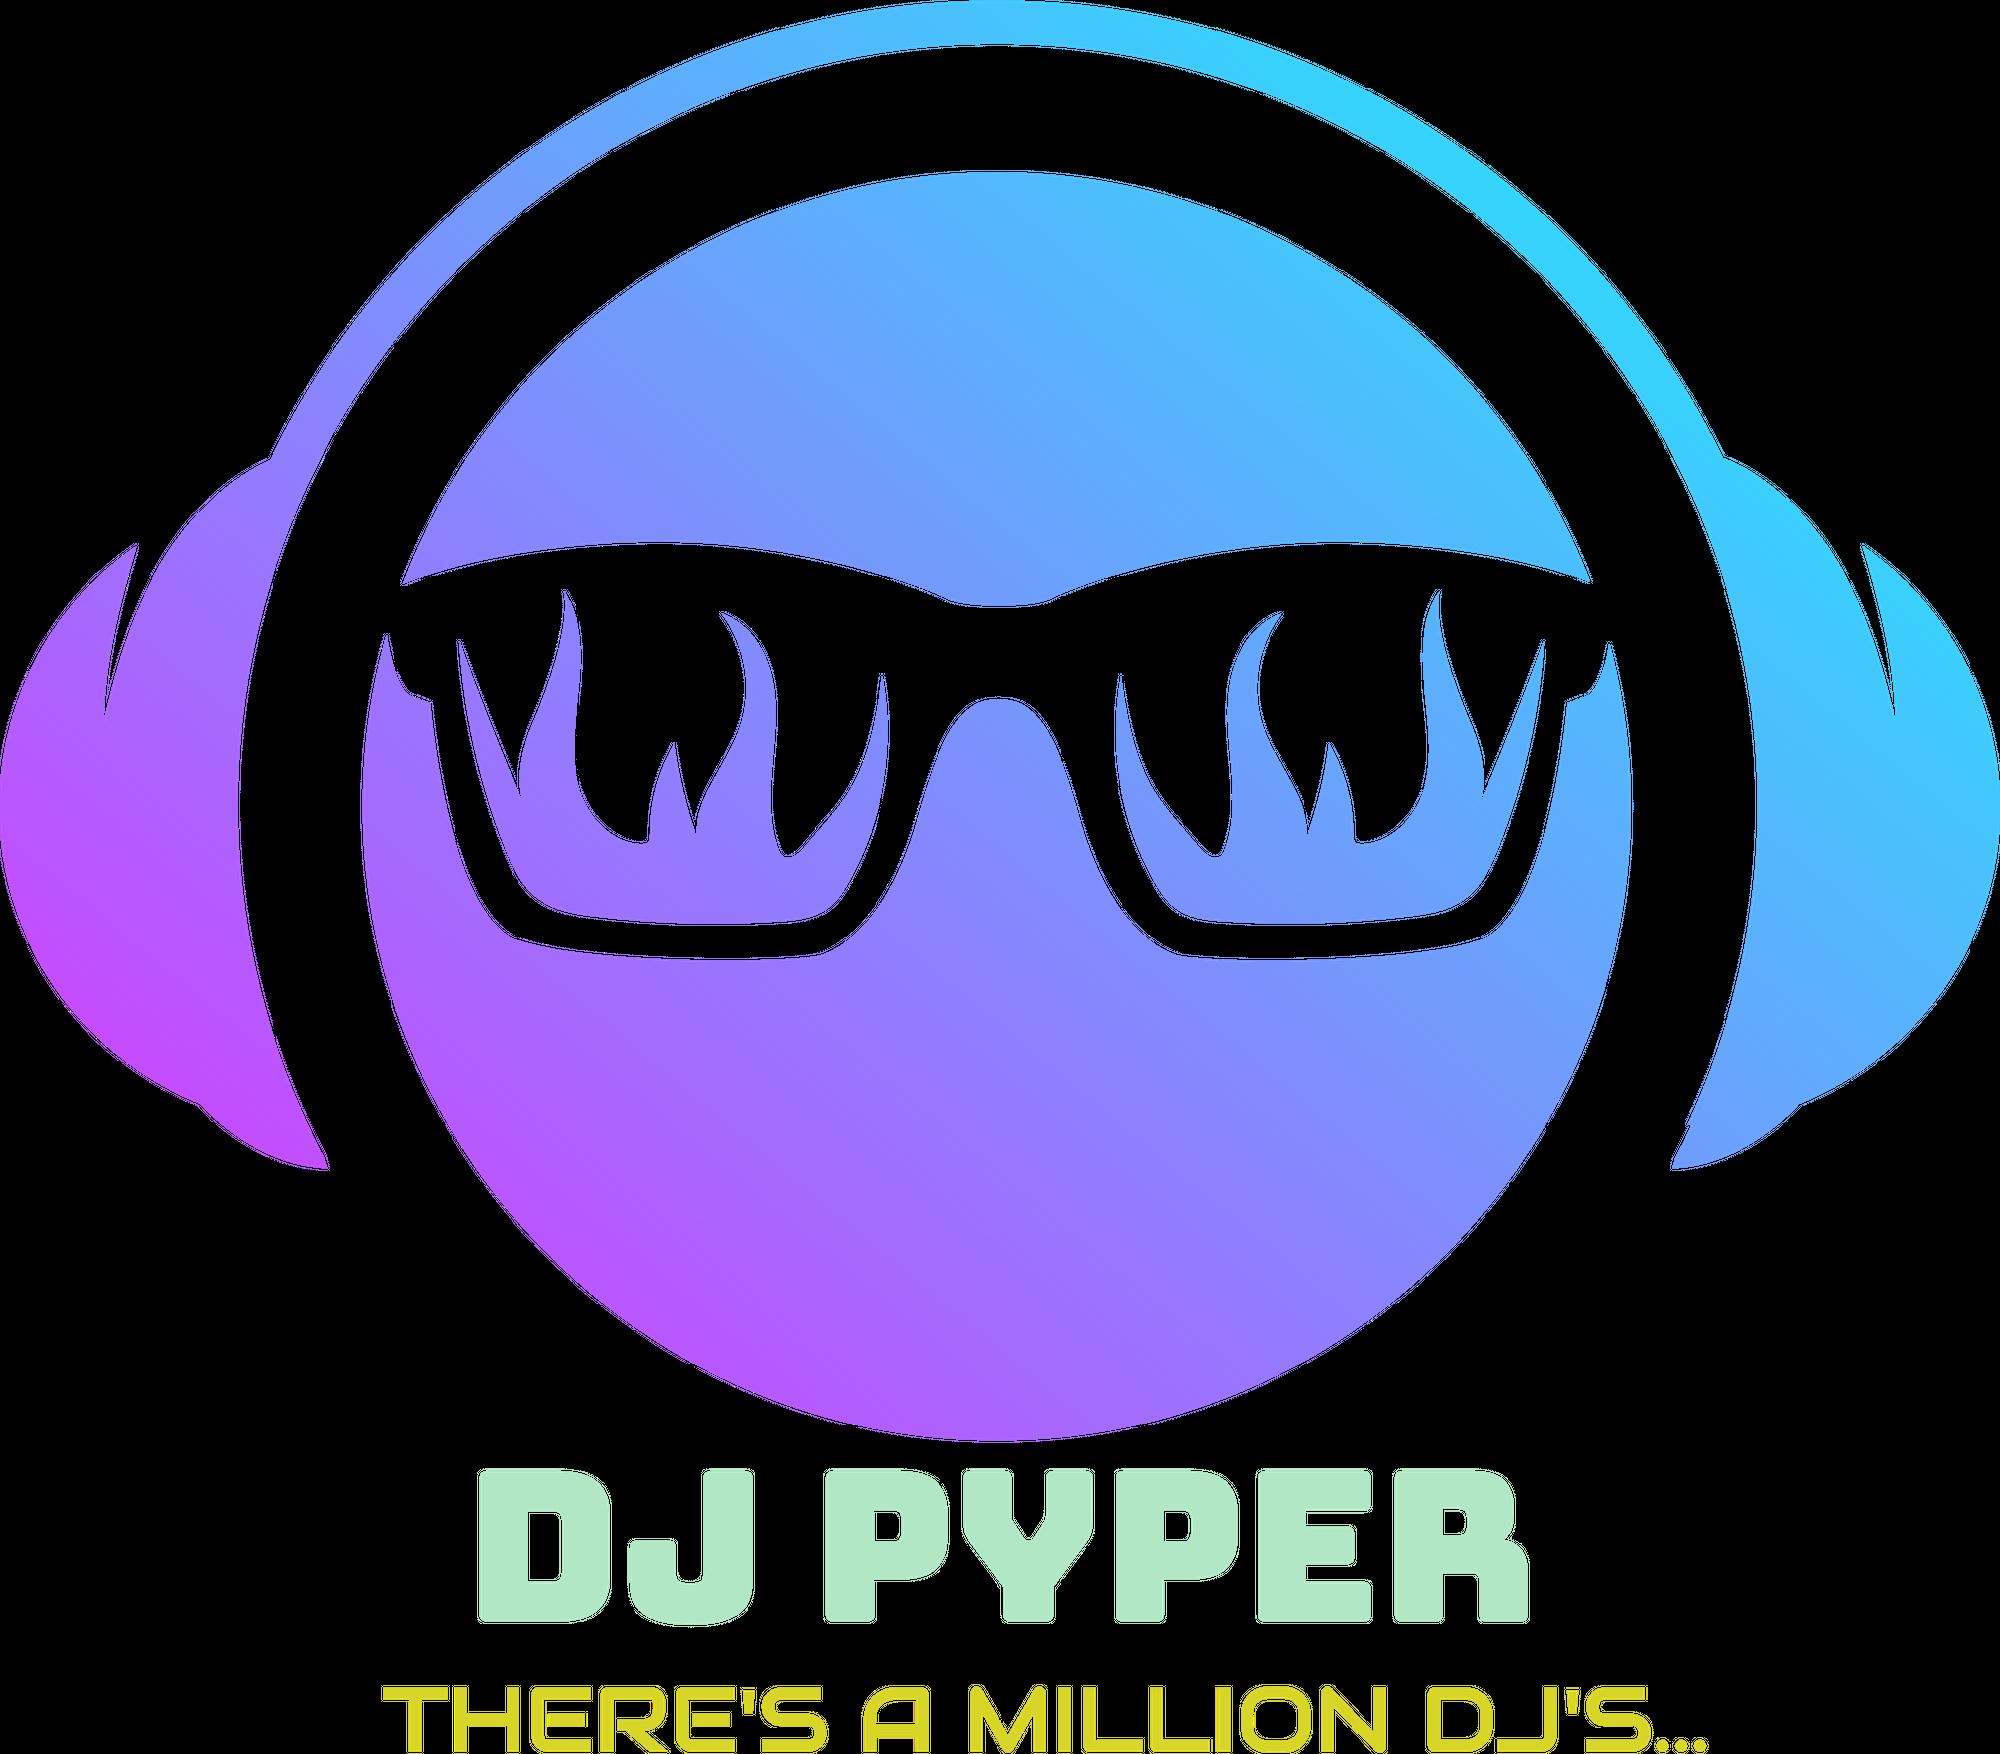 DJ Pyper